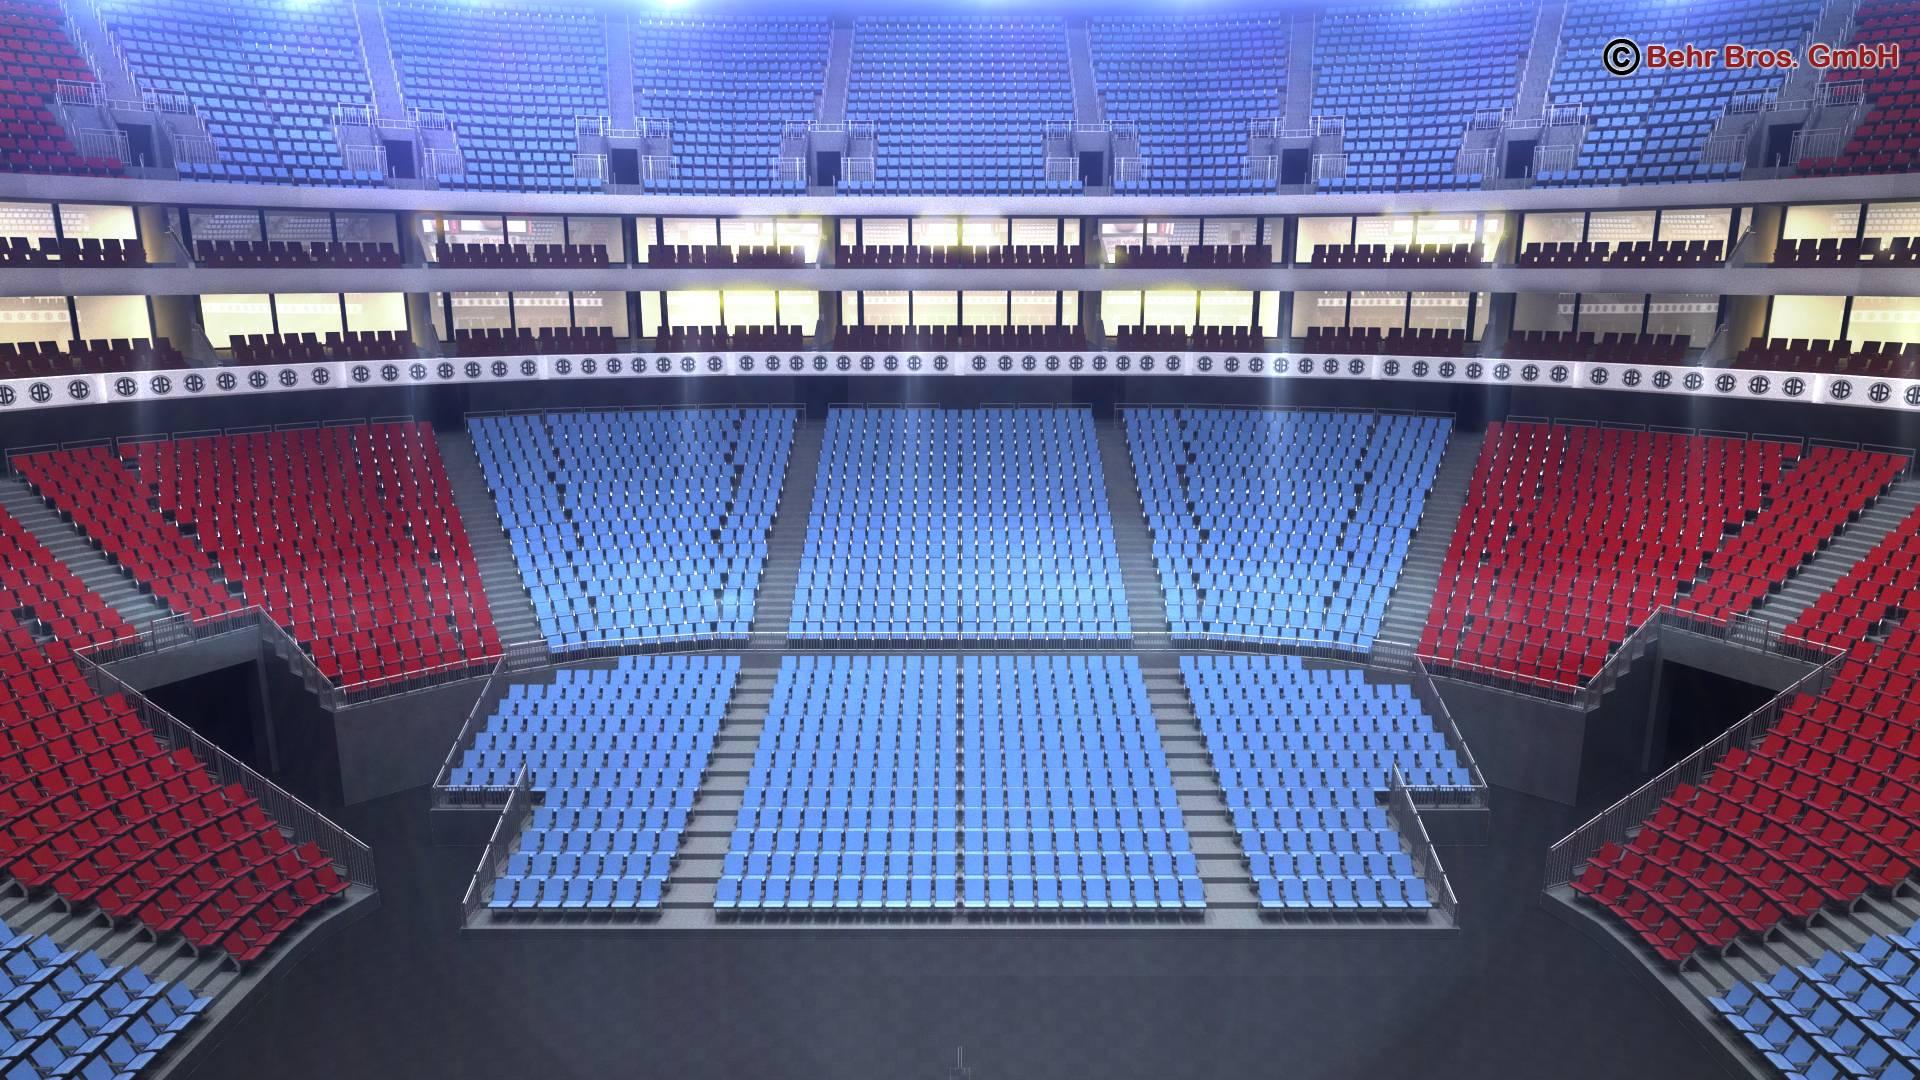 košarkaška arena v2 3d model 3ds max fbx c4d lwo ma mb obj 222369